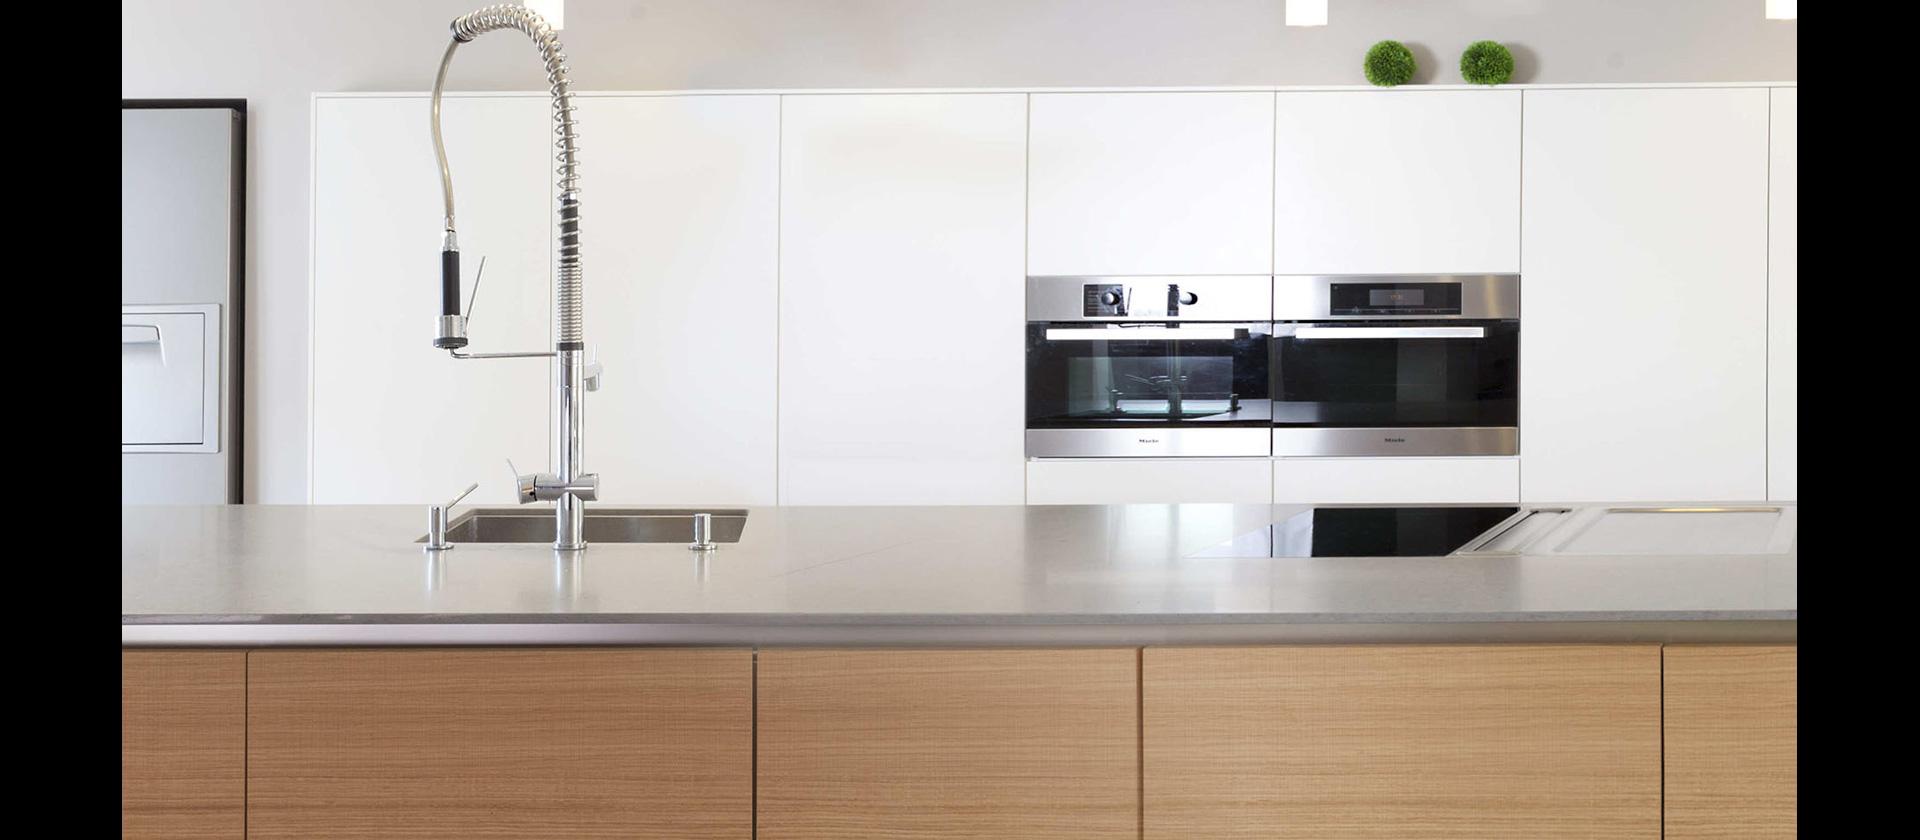 MTB-Küche Eiche, Lack weiss, Mineralwerkstoff